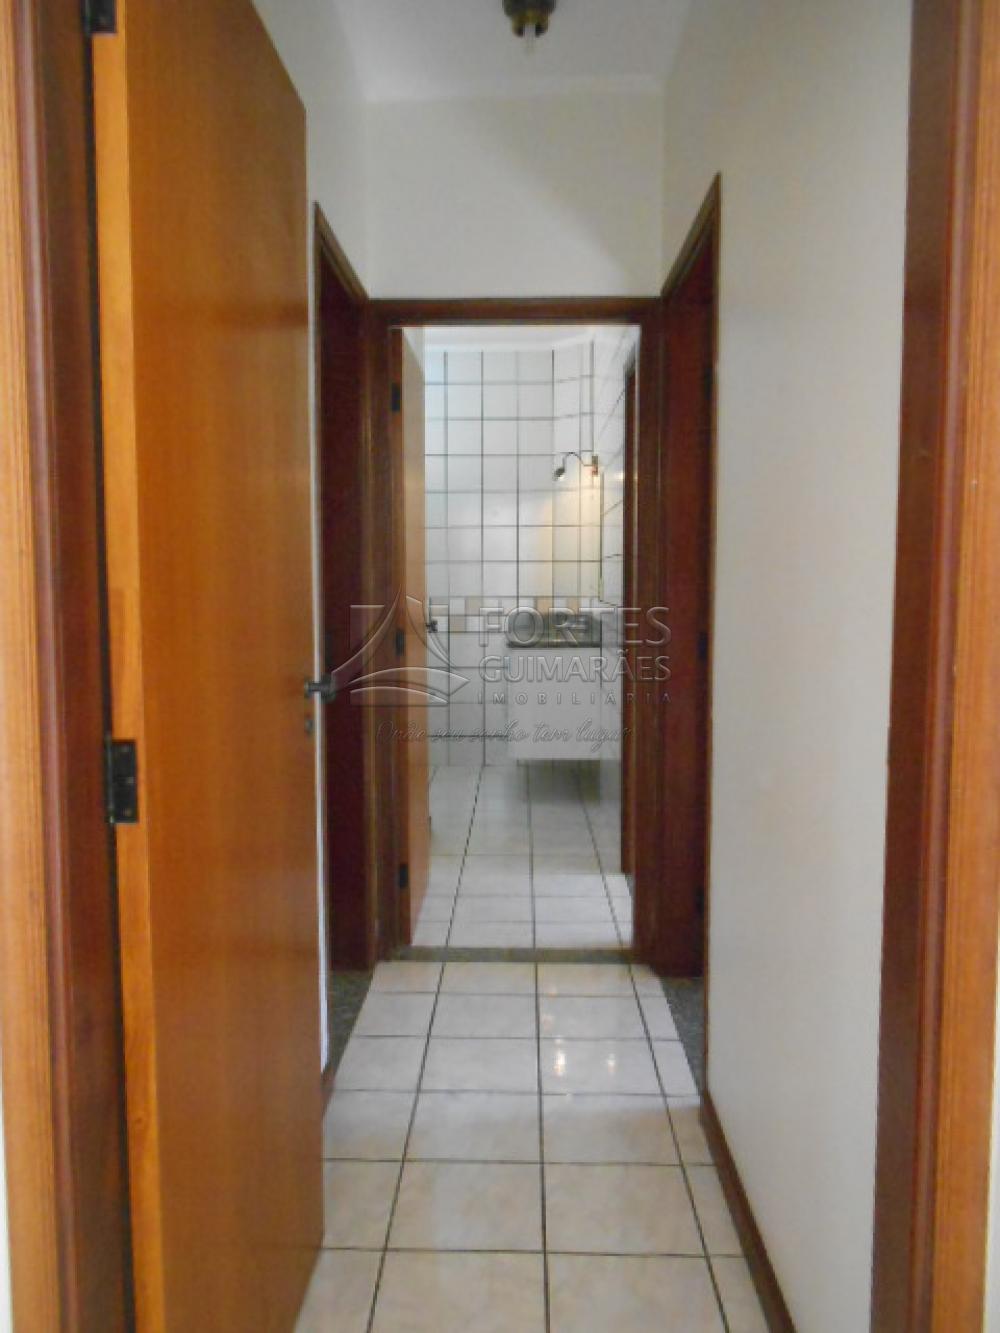 Alugar Apartamentos / Padrão em Ribeirão Preto apenas R$ 1.100,00 - Foto 10